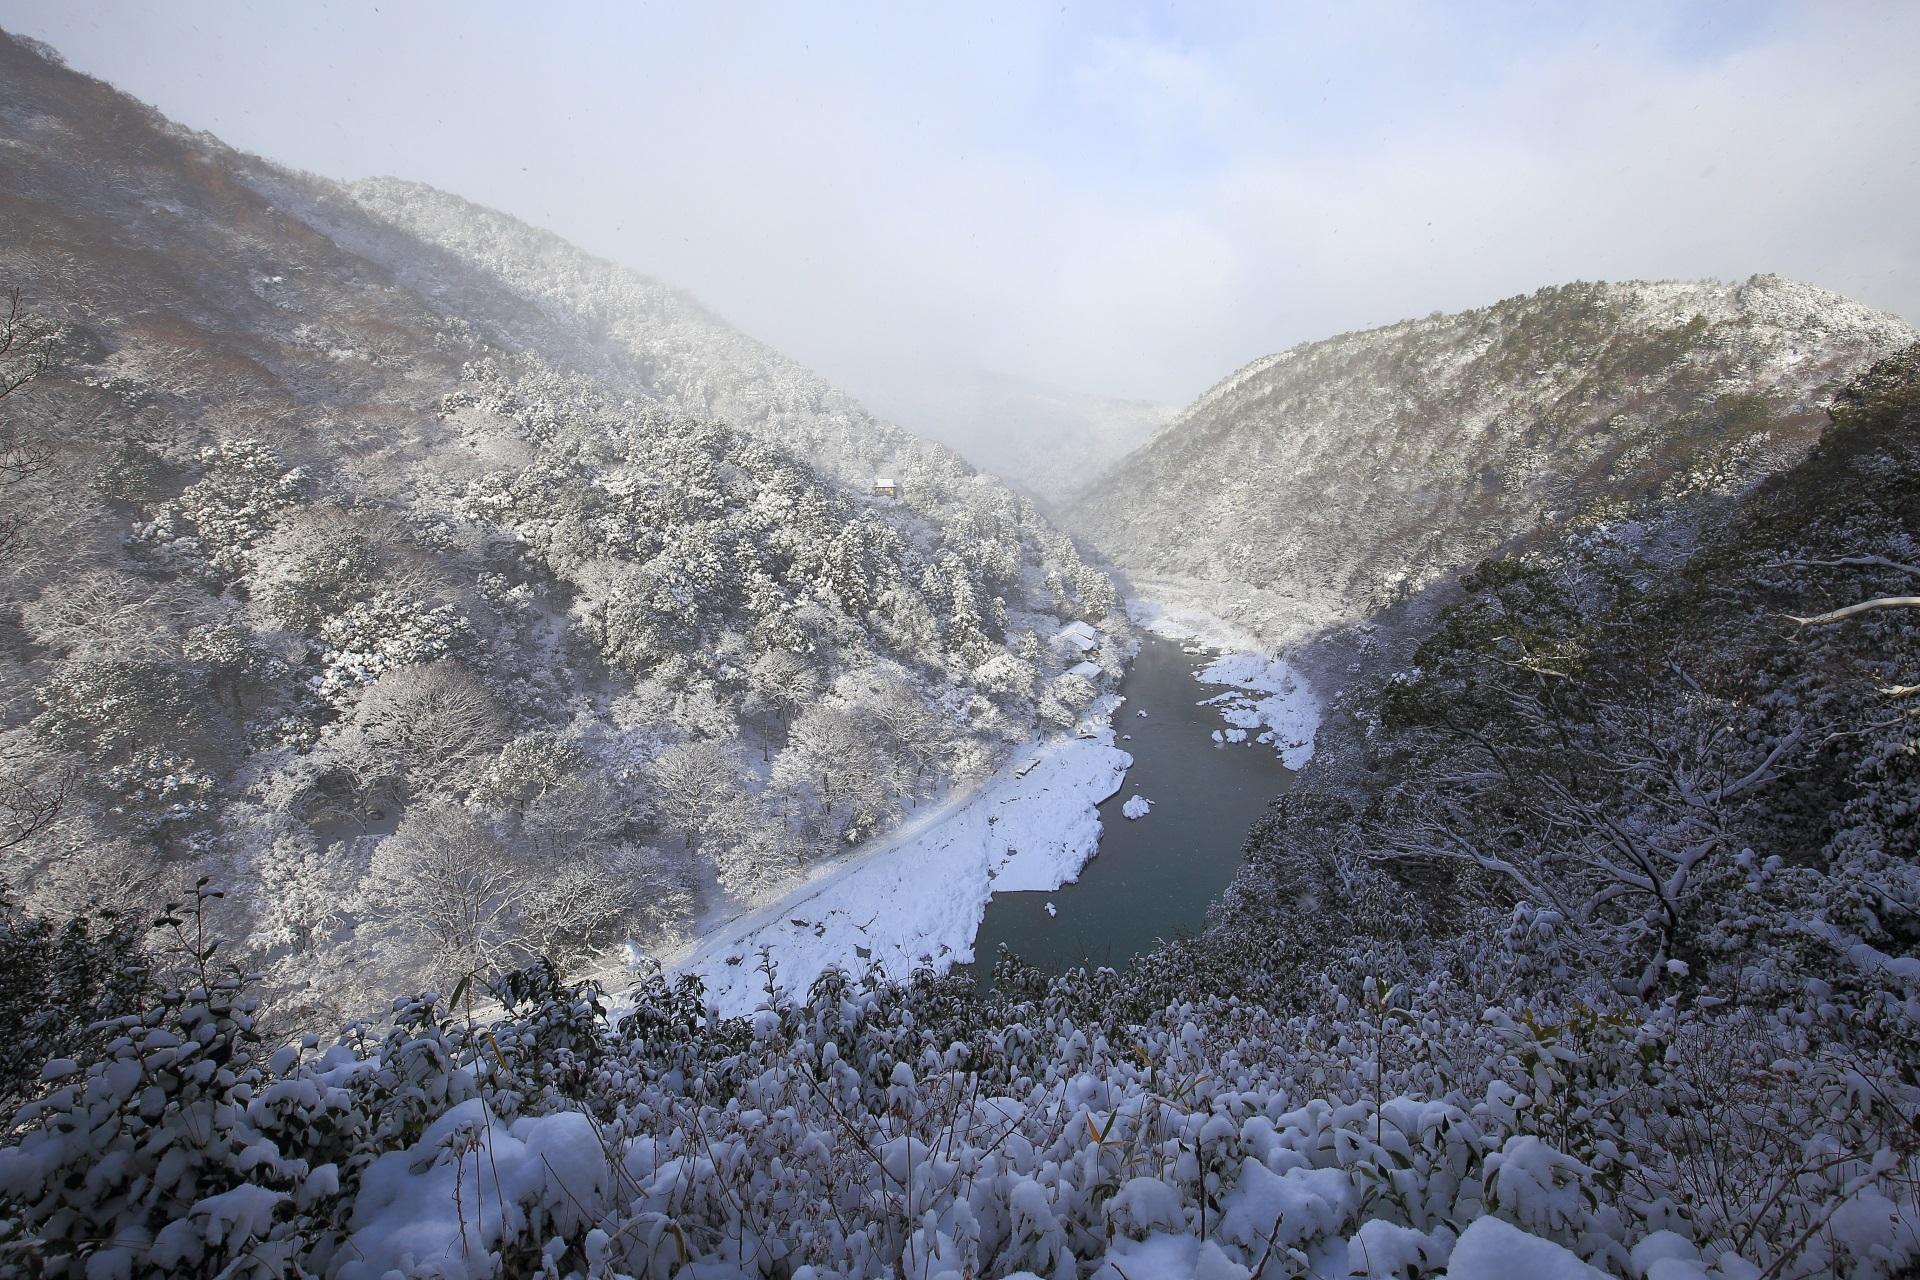 展望台から眺めた嵐山と保津峡の雪景色